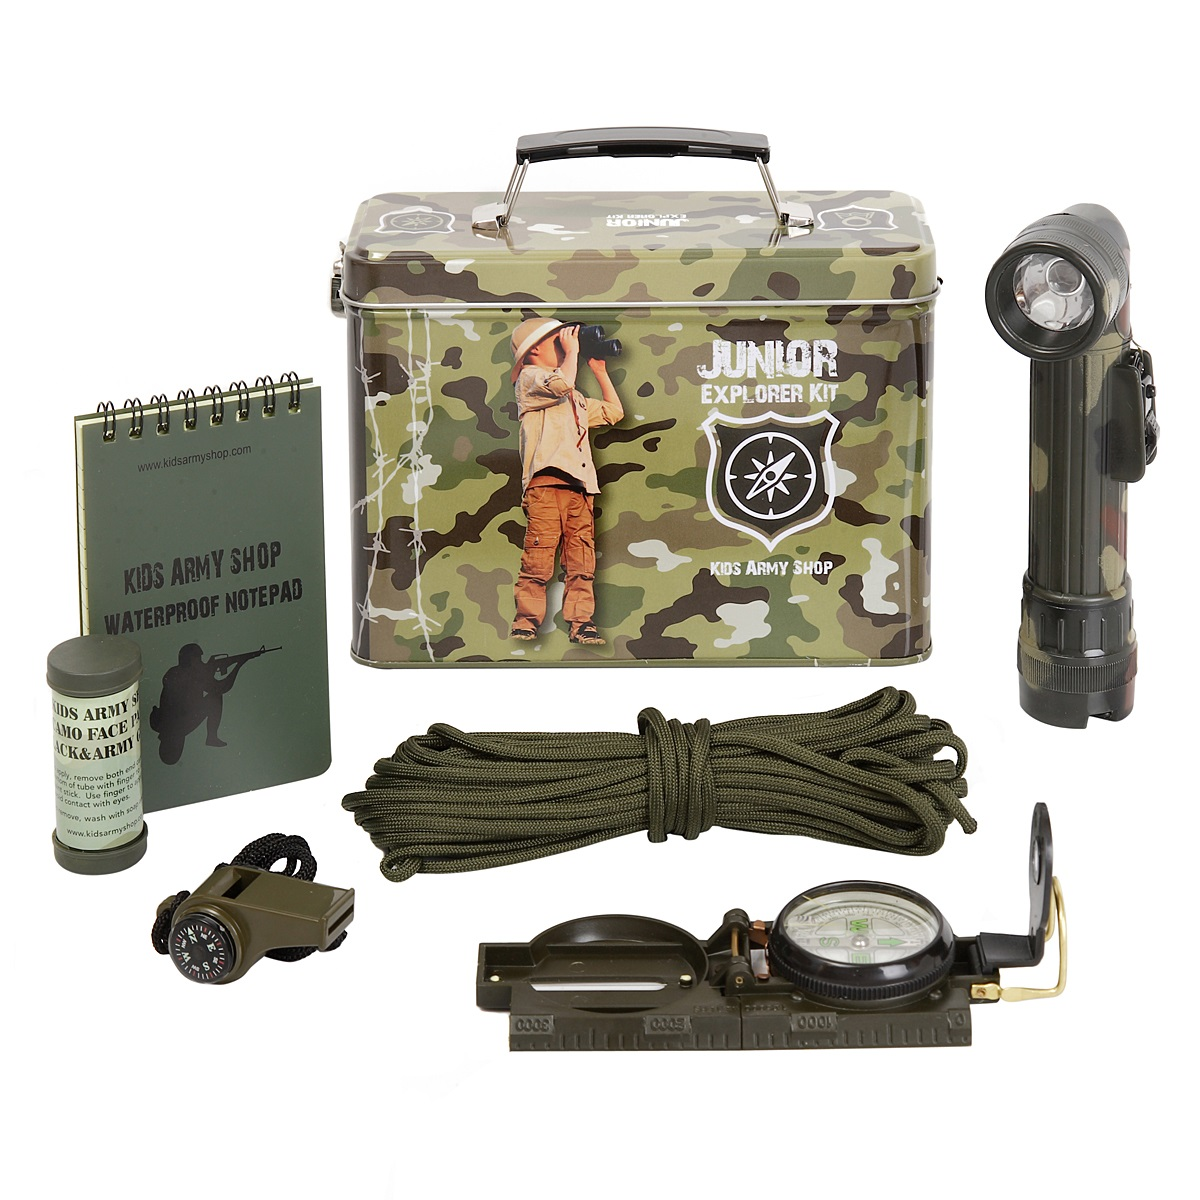 Junior Explorer Kit